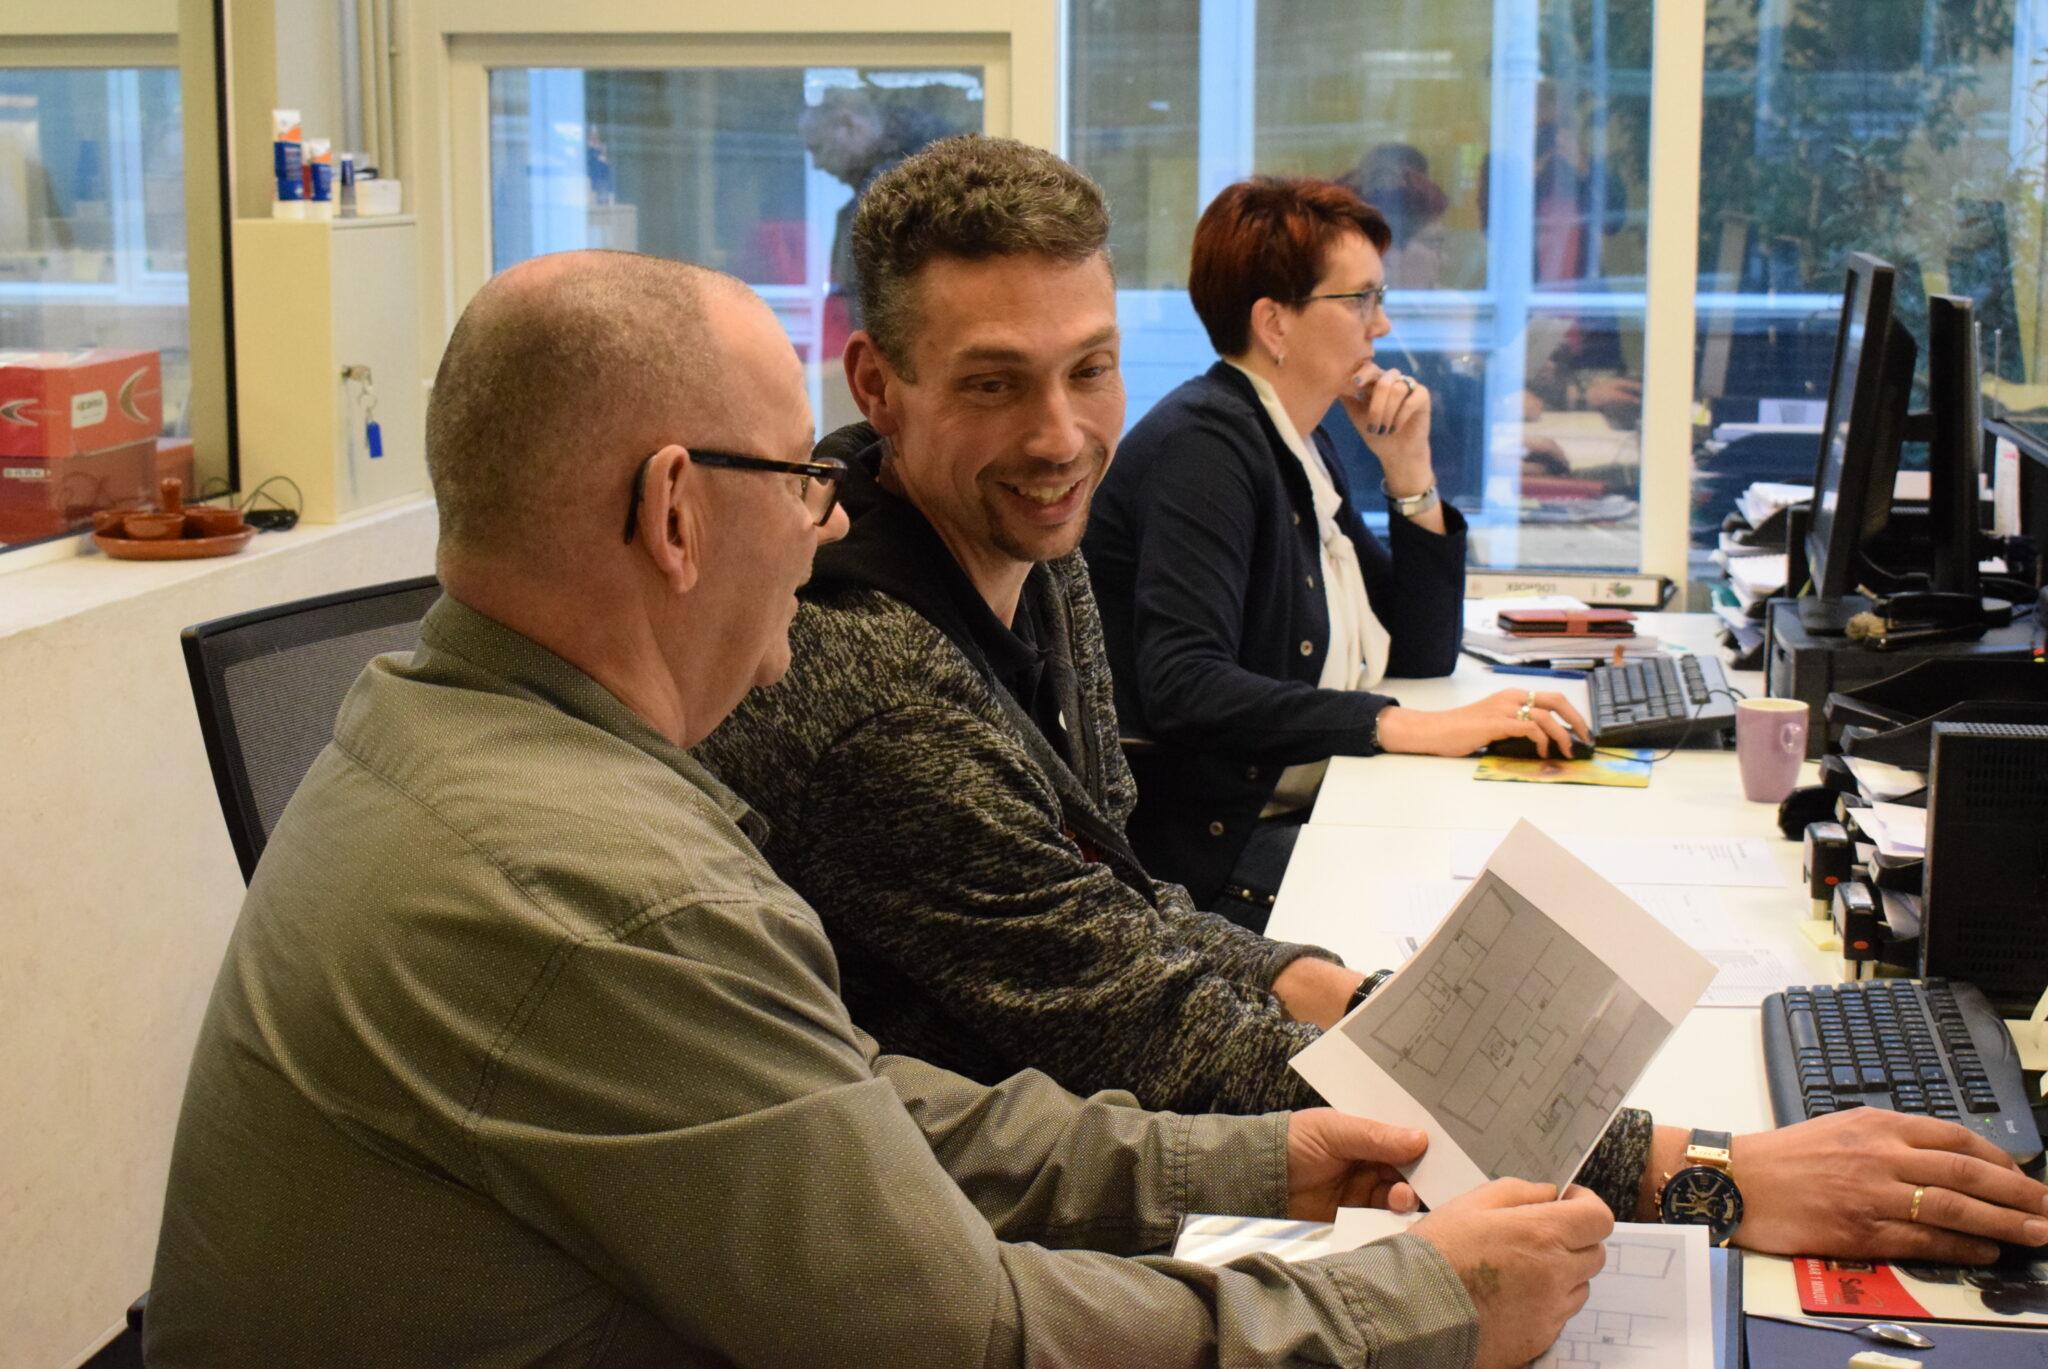 Andreas werkt bij KonnecteD